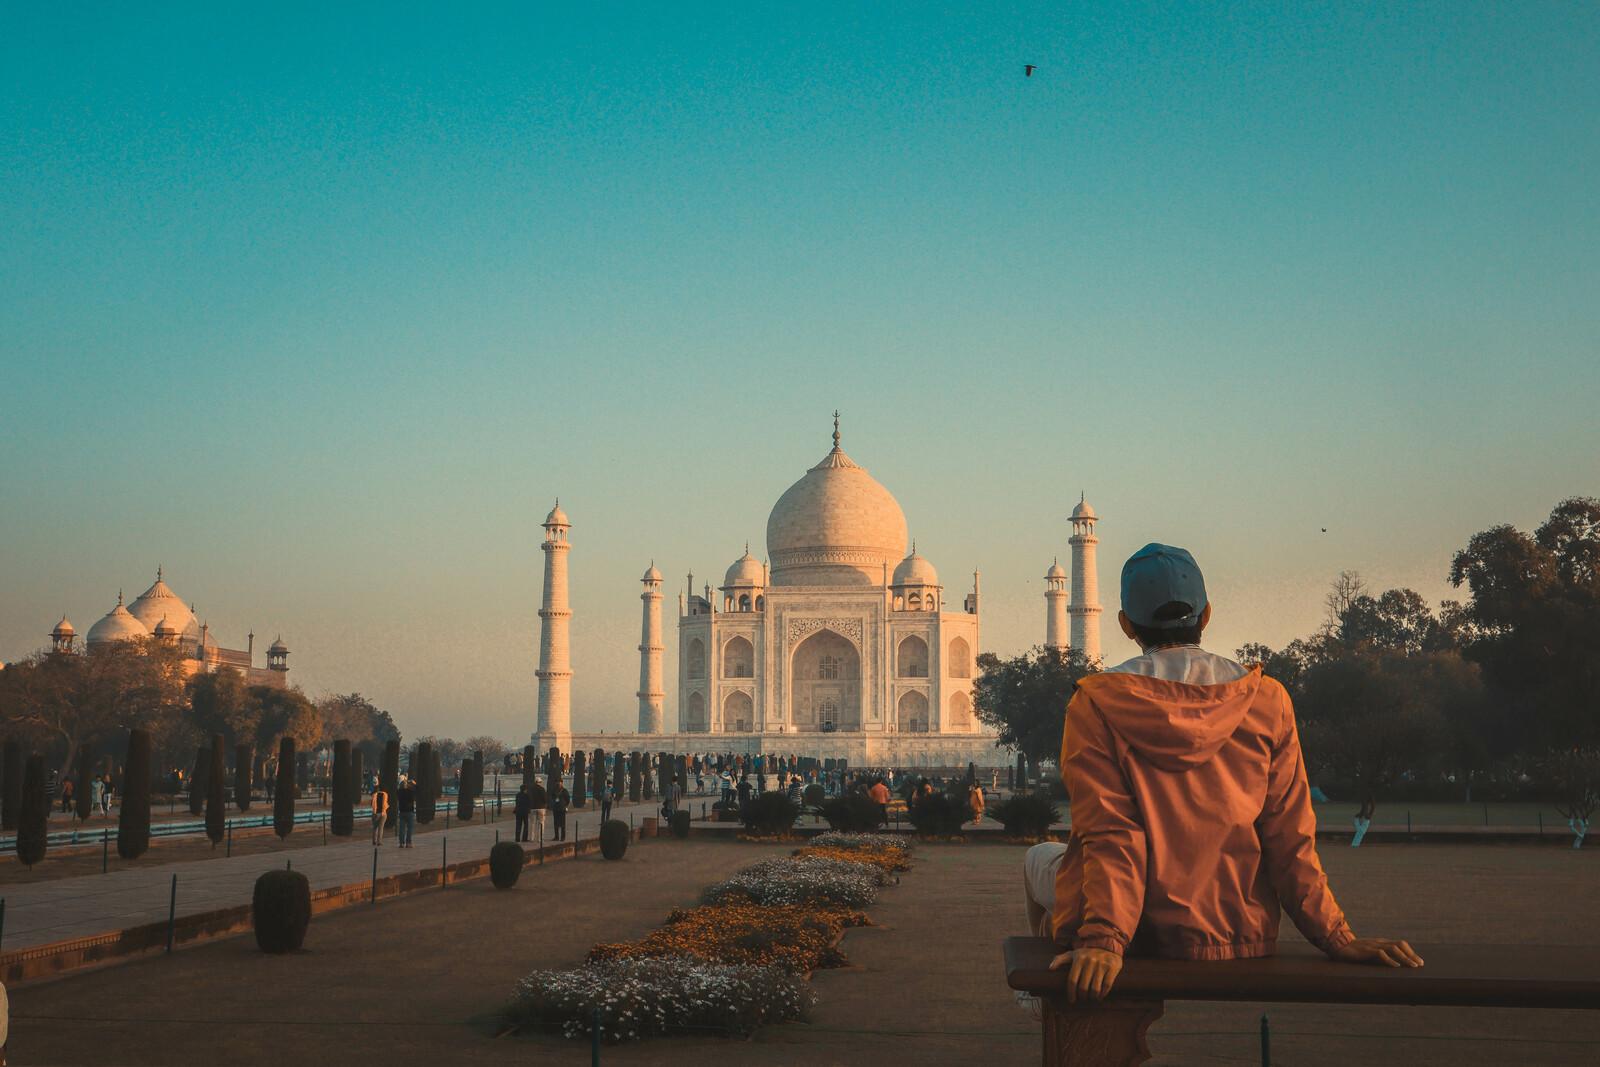 Taj-Mahal-3947-1631526777.jpg